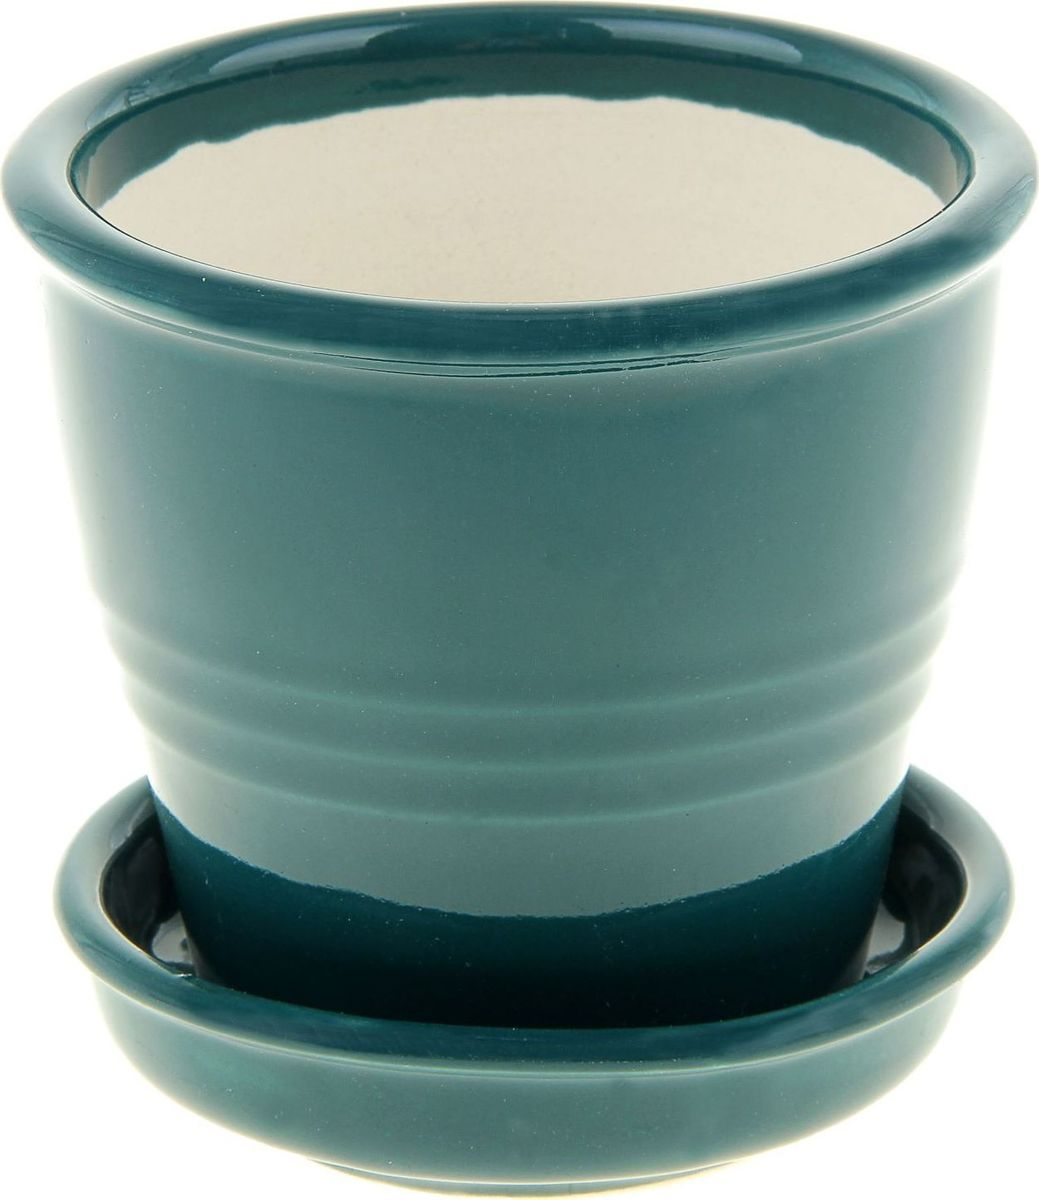 Кашпо Керамика ручной работы Классик, цвет: хром, 0,23 л835549Комнатные растения — всеобщие любимцы. Они радуют глаз, насыщают помещение кислородом и украшают пространство. Каждому из них необходим свой удобный и красивый дом. Кашпо из керамики прекрасно подходят для высадки растений: за счёт пластичности глины и разных способов обработки существует великое множество форм и дизайновпористый материал позволяет испаряться лишней влагевоздух, необходимый для дыхания корней, проникает сквозь керамические стенки! #name# позаботится о зелёном питомце, освежит интерьер и подчеркнёт его стиль.